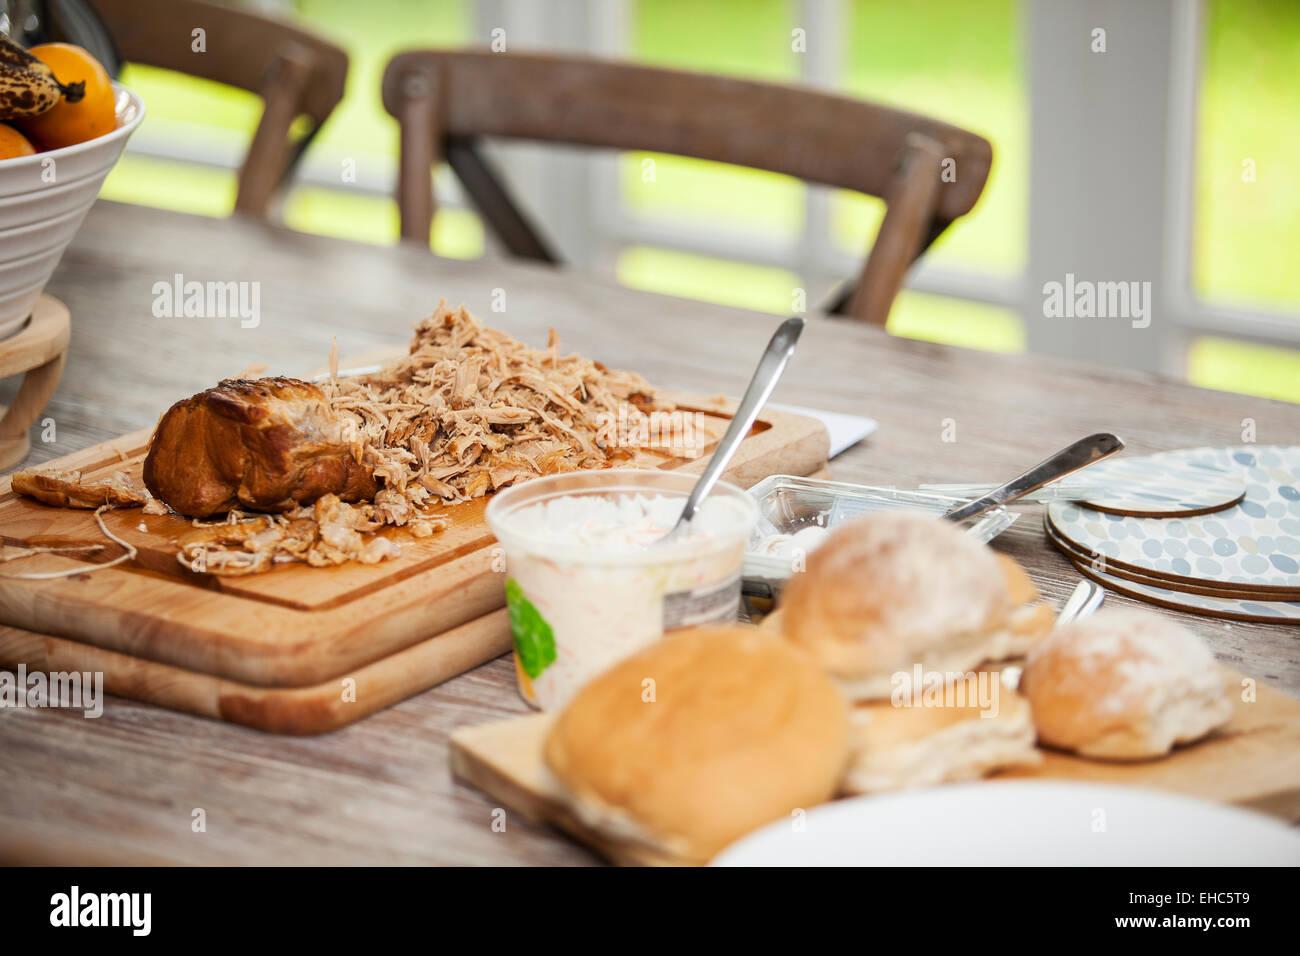 Carne de cerdo la carne en una tabla de cortar listo para comer Imagen De Stock